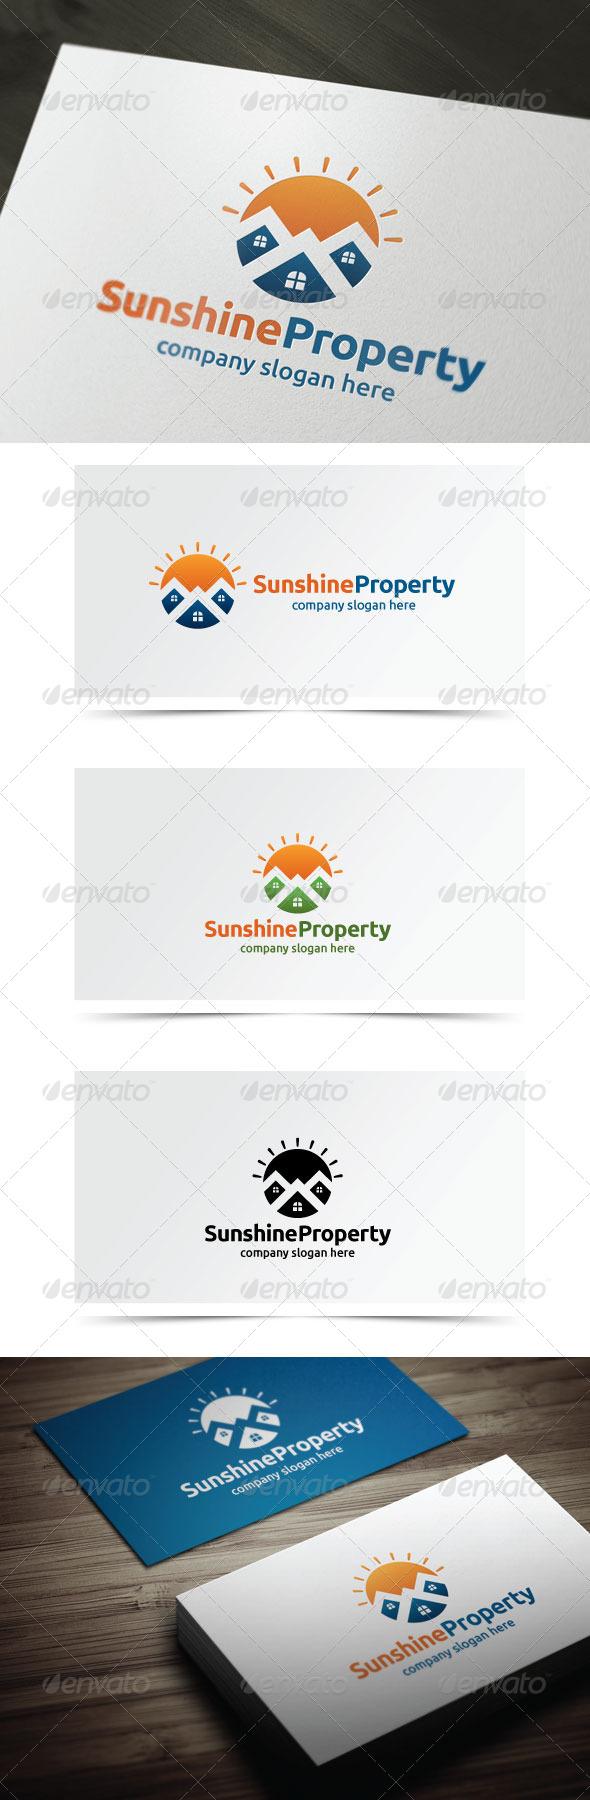 Sunshine Property